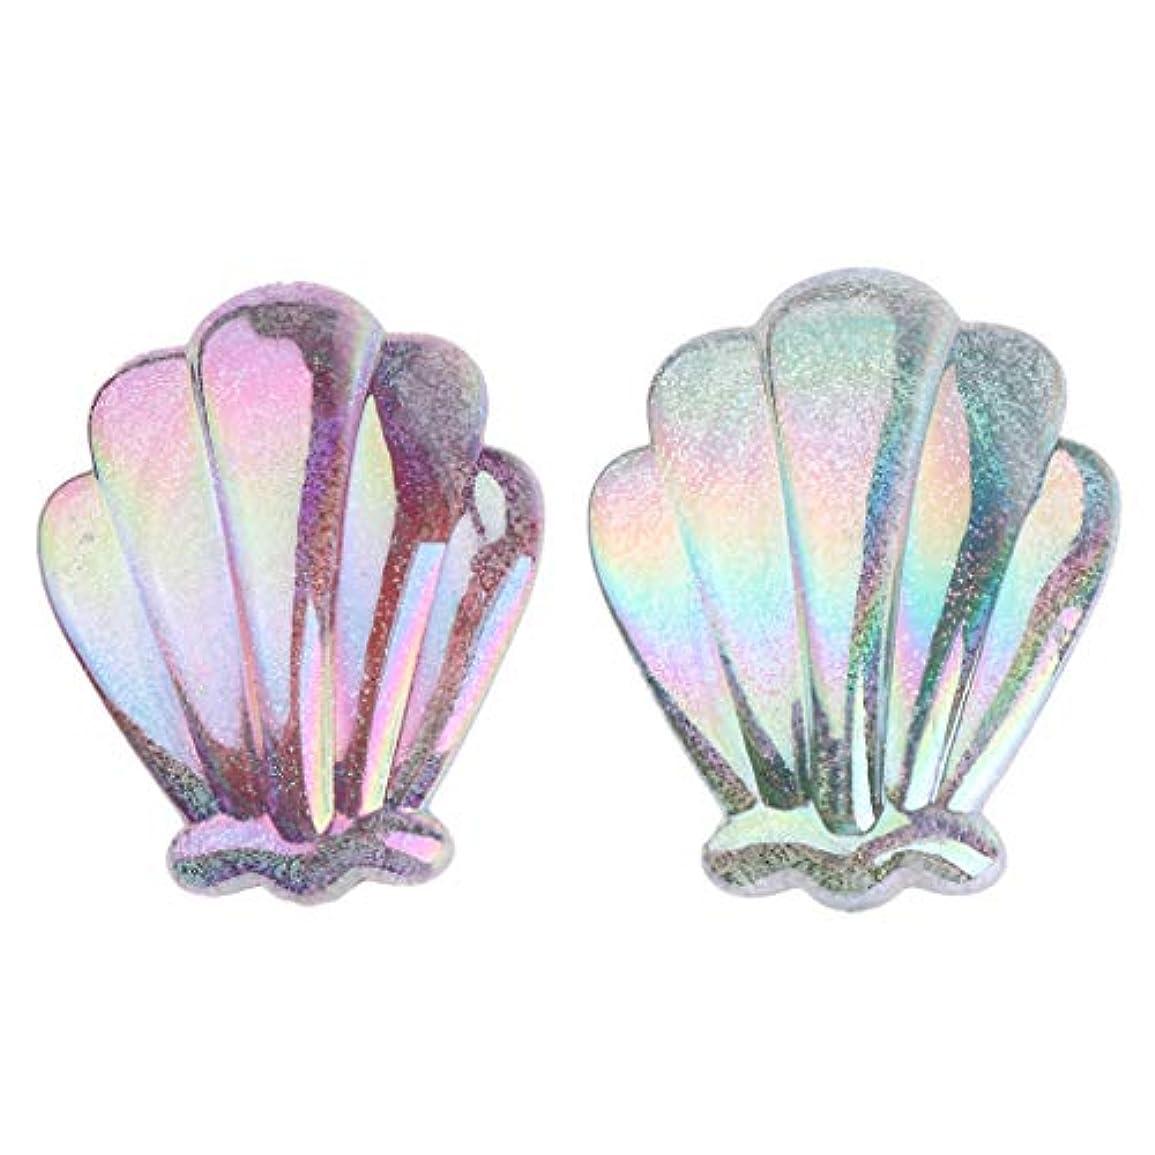 バンドビジュアル調べるヘアコーム プラスチック製 櫛 女性用 ヘアブラシ コーム 櫛